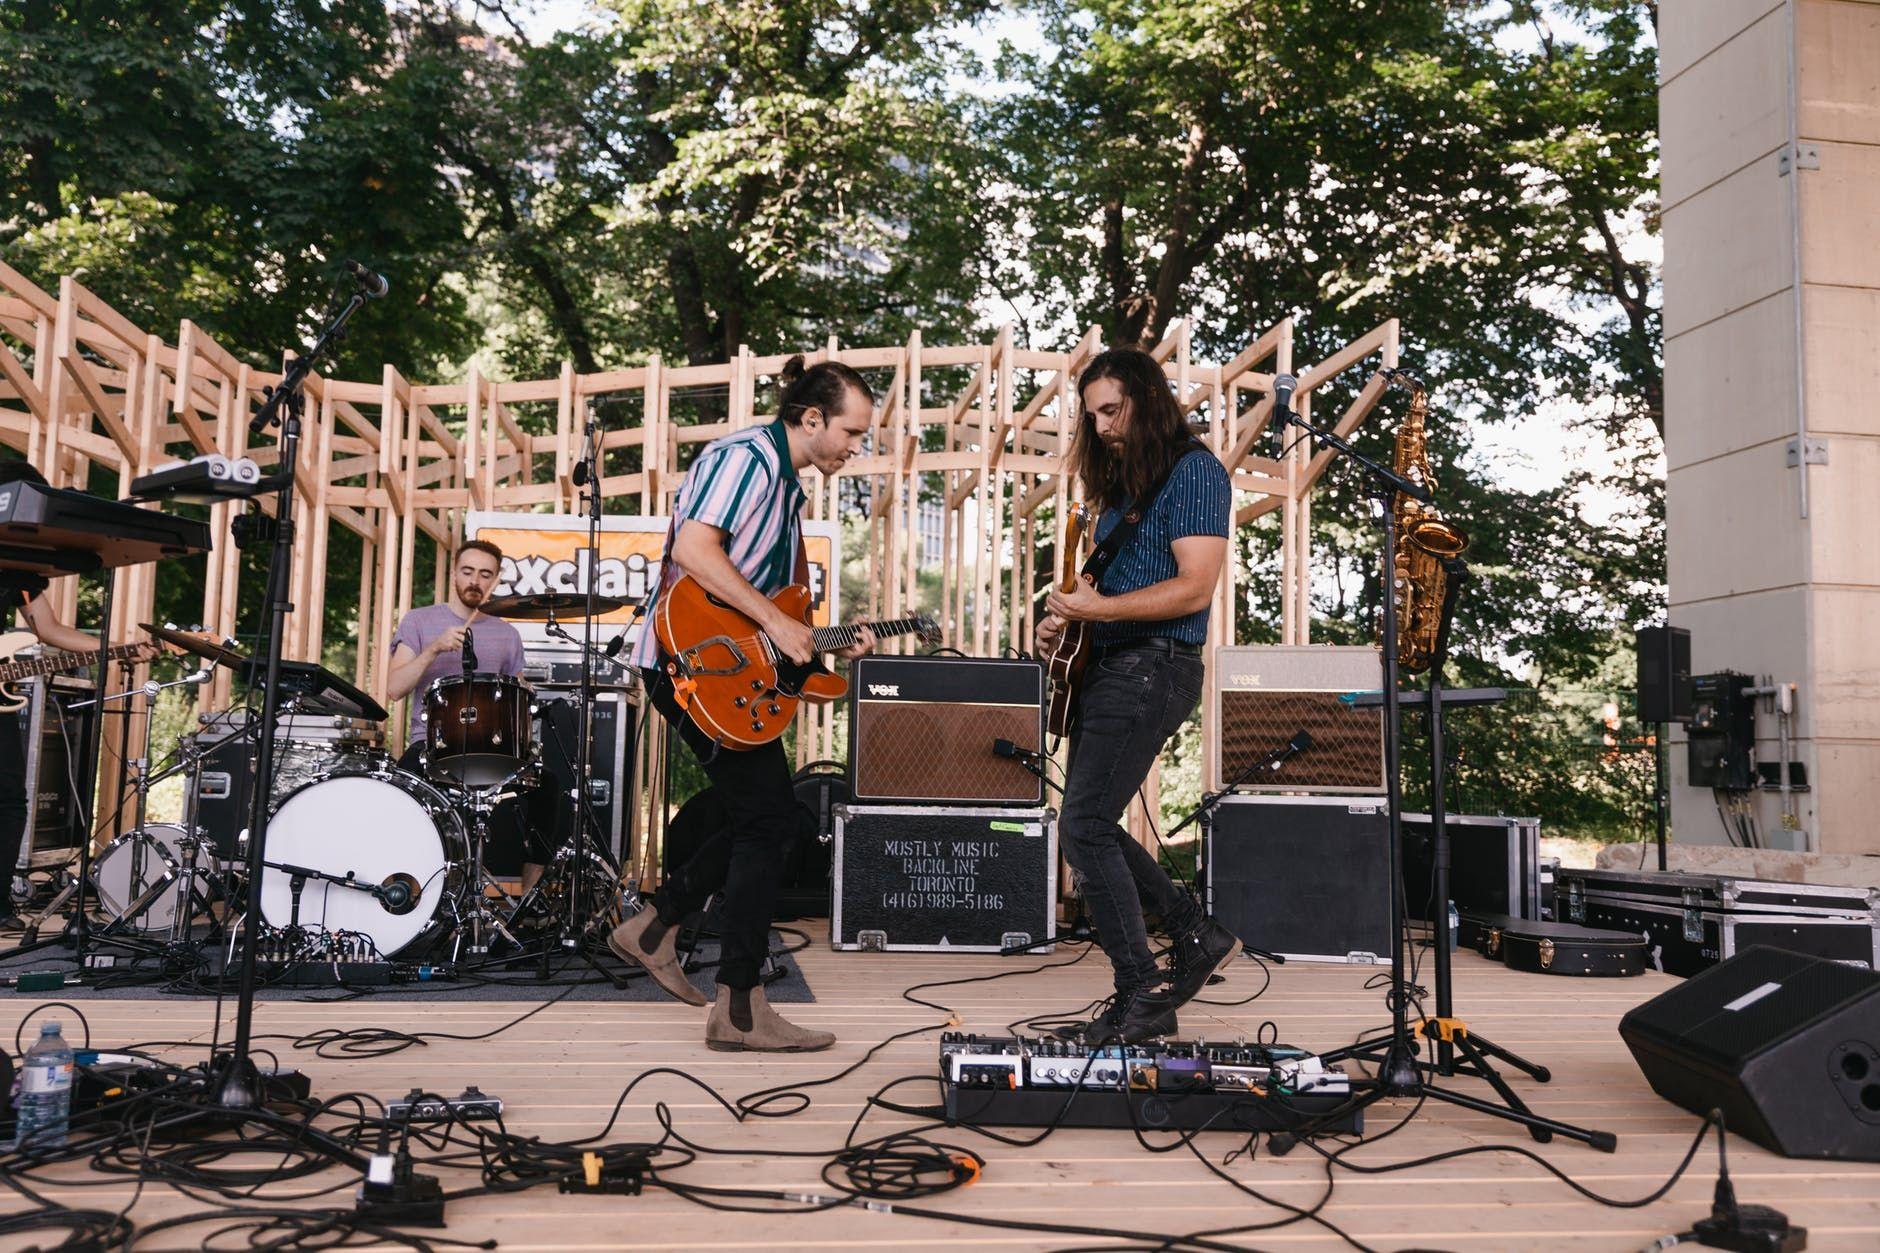 Músicos tocam ao vivo em uma praça